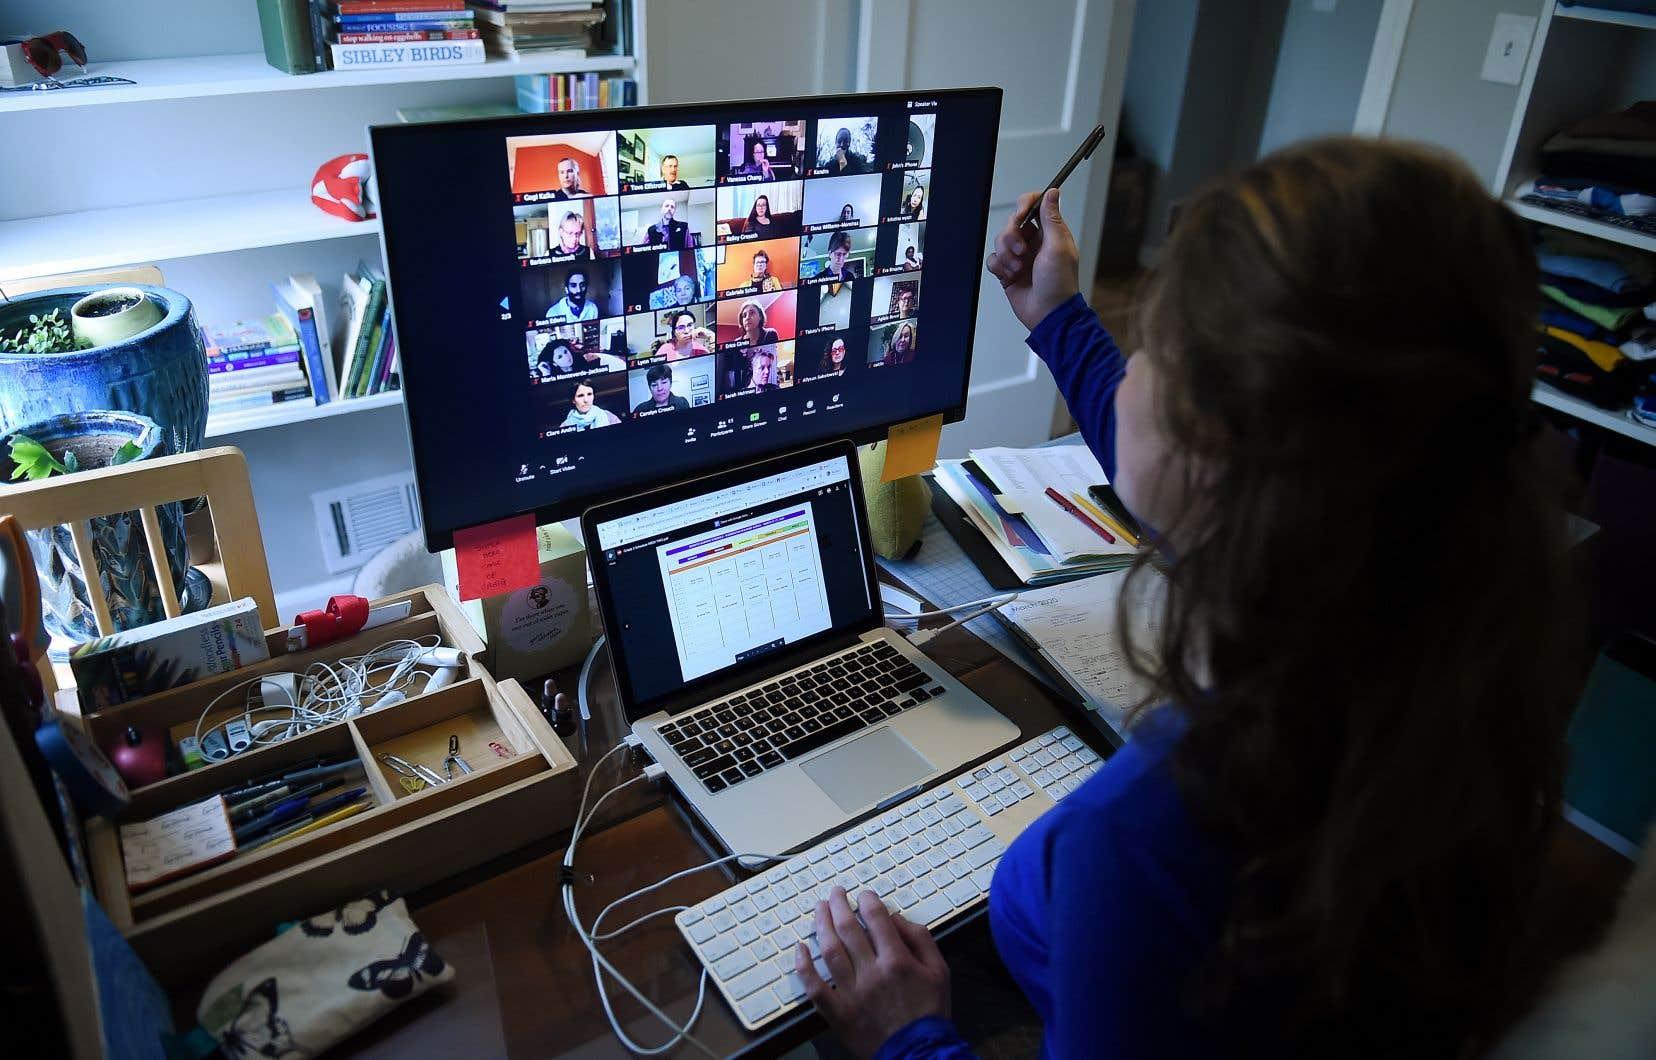 Selon une étude américaine récente, chaque participant à une réunion virtuelle qui utilise sa webcaméra et qui diffuse en haute définition génère des émissions pouvant atteindre 1 kilogramme de CO2 par heure de conférence.